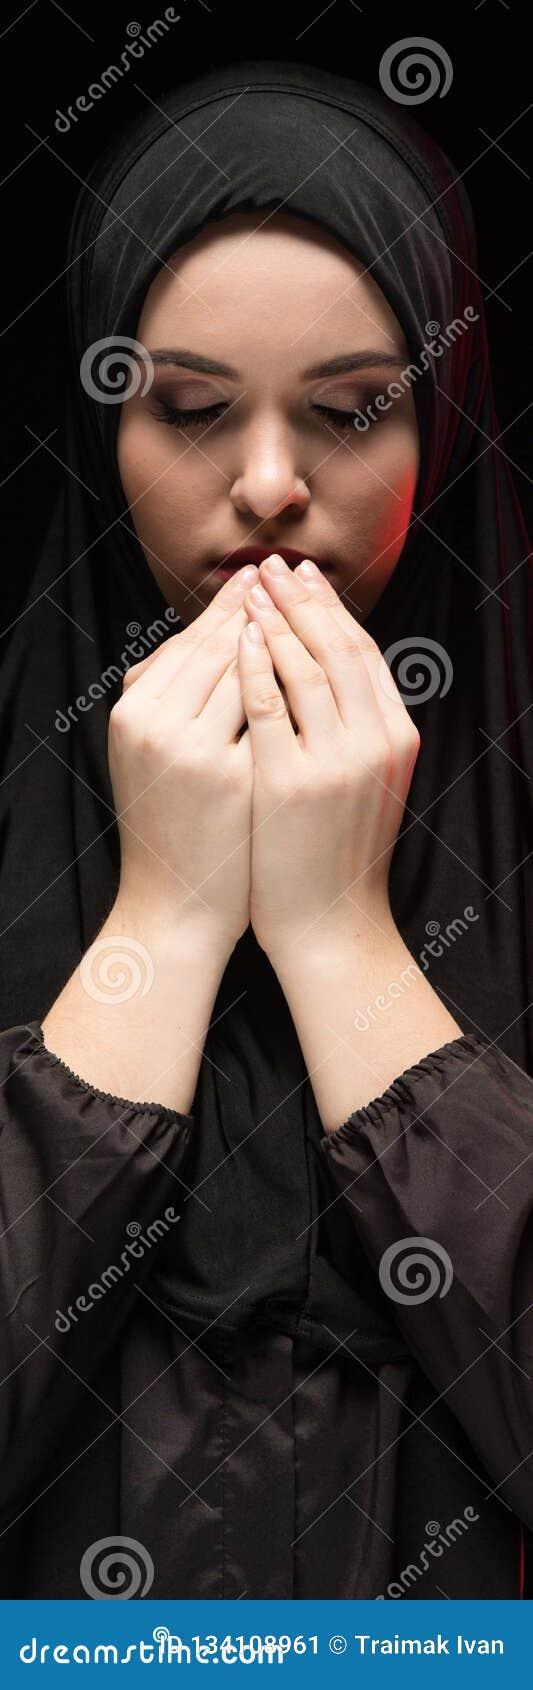 Πορτρέτο της όμορφης σοβαρής νέας μουσουλμανικής γυναίκας που φορά το μαύρο hijab με τα χέρια κοντά στο πρόσωπό της ως να προσεηθ